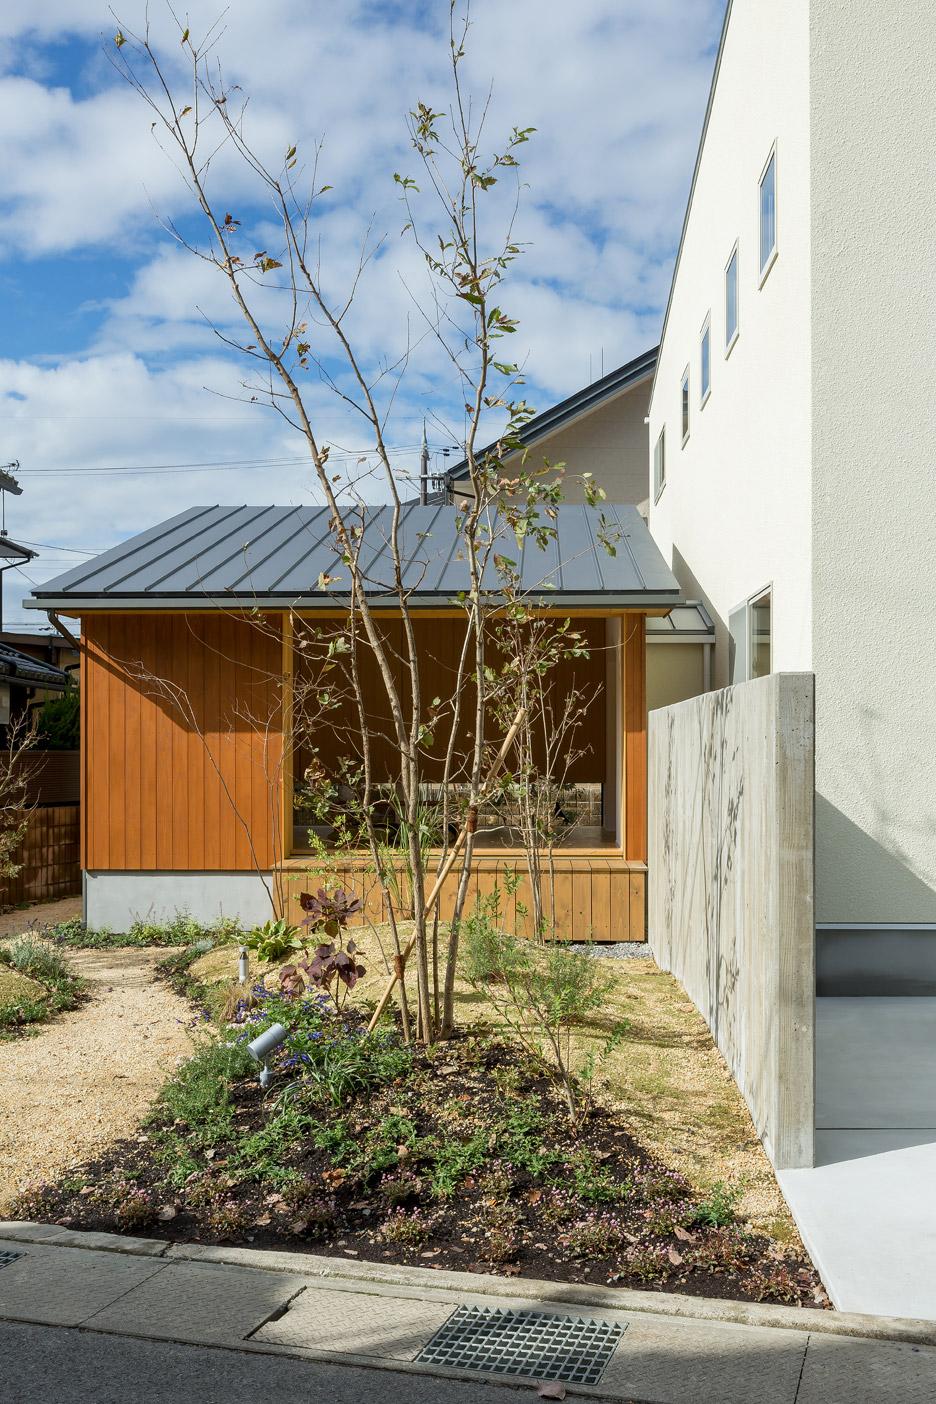 Ngôi nhà bình dị kết hợp góc làm việc hướng ra vườn đẹp lý tưởng dành cho gia đình trẻ - Ảnh 2.